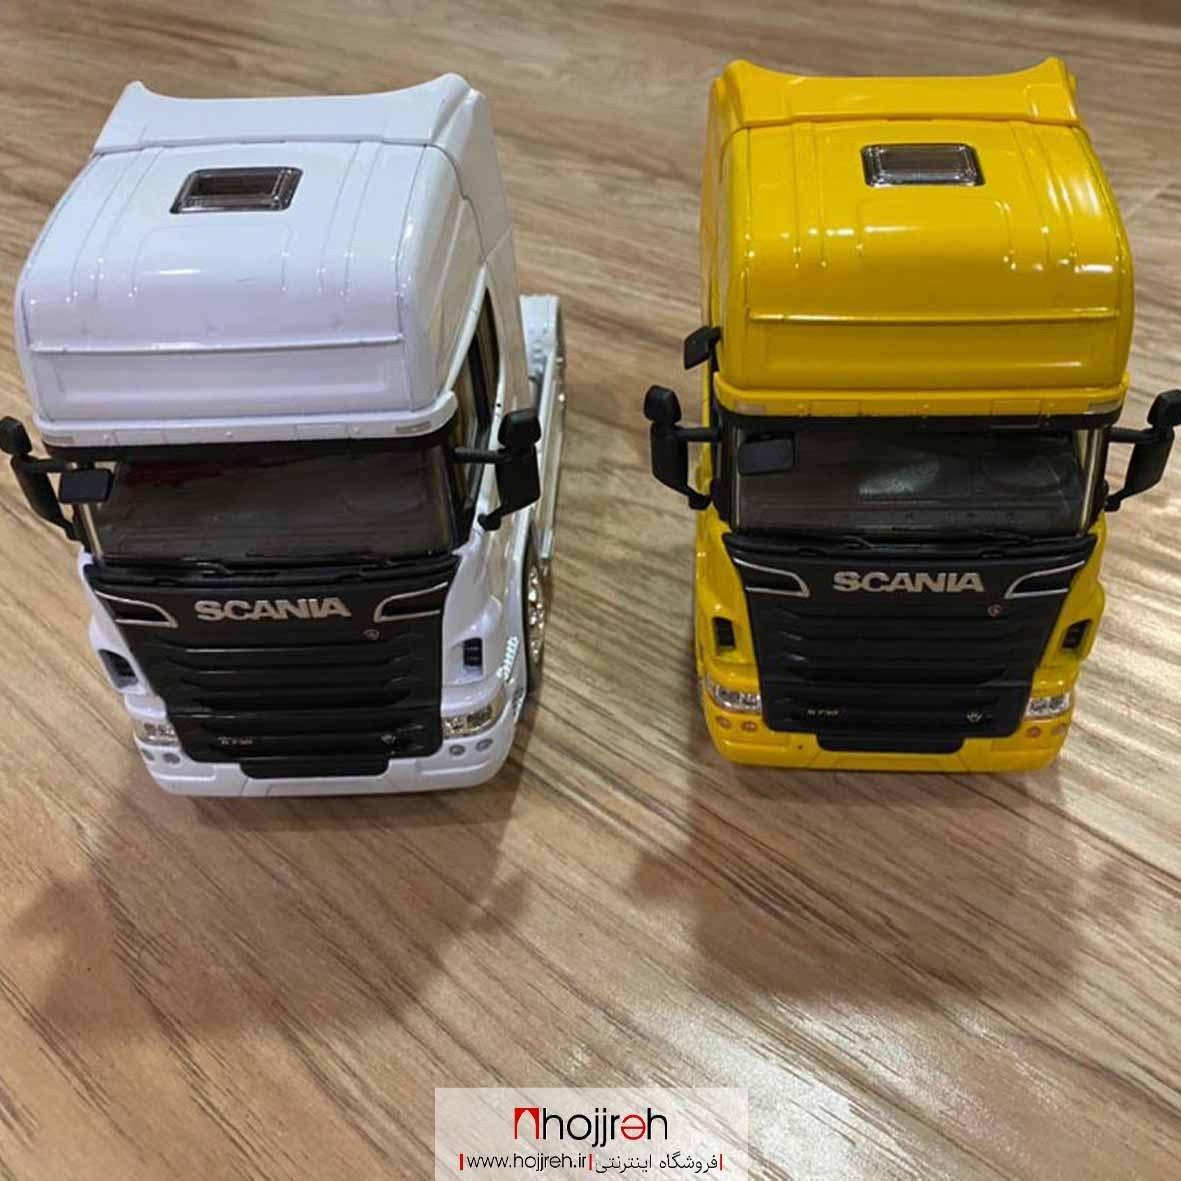 تصویر ماکت تریلی فلزی کشنده اسکانیا Scania R730 V8 ویلی welly اسباب بازی و کلکسیونی